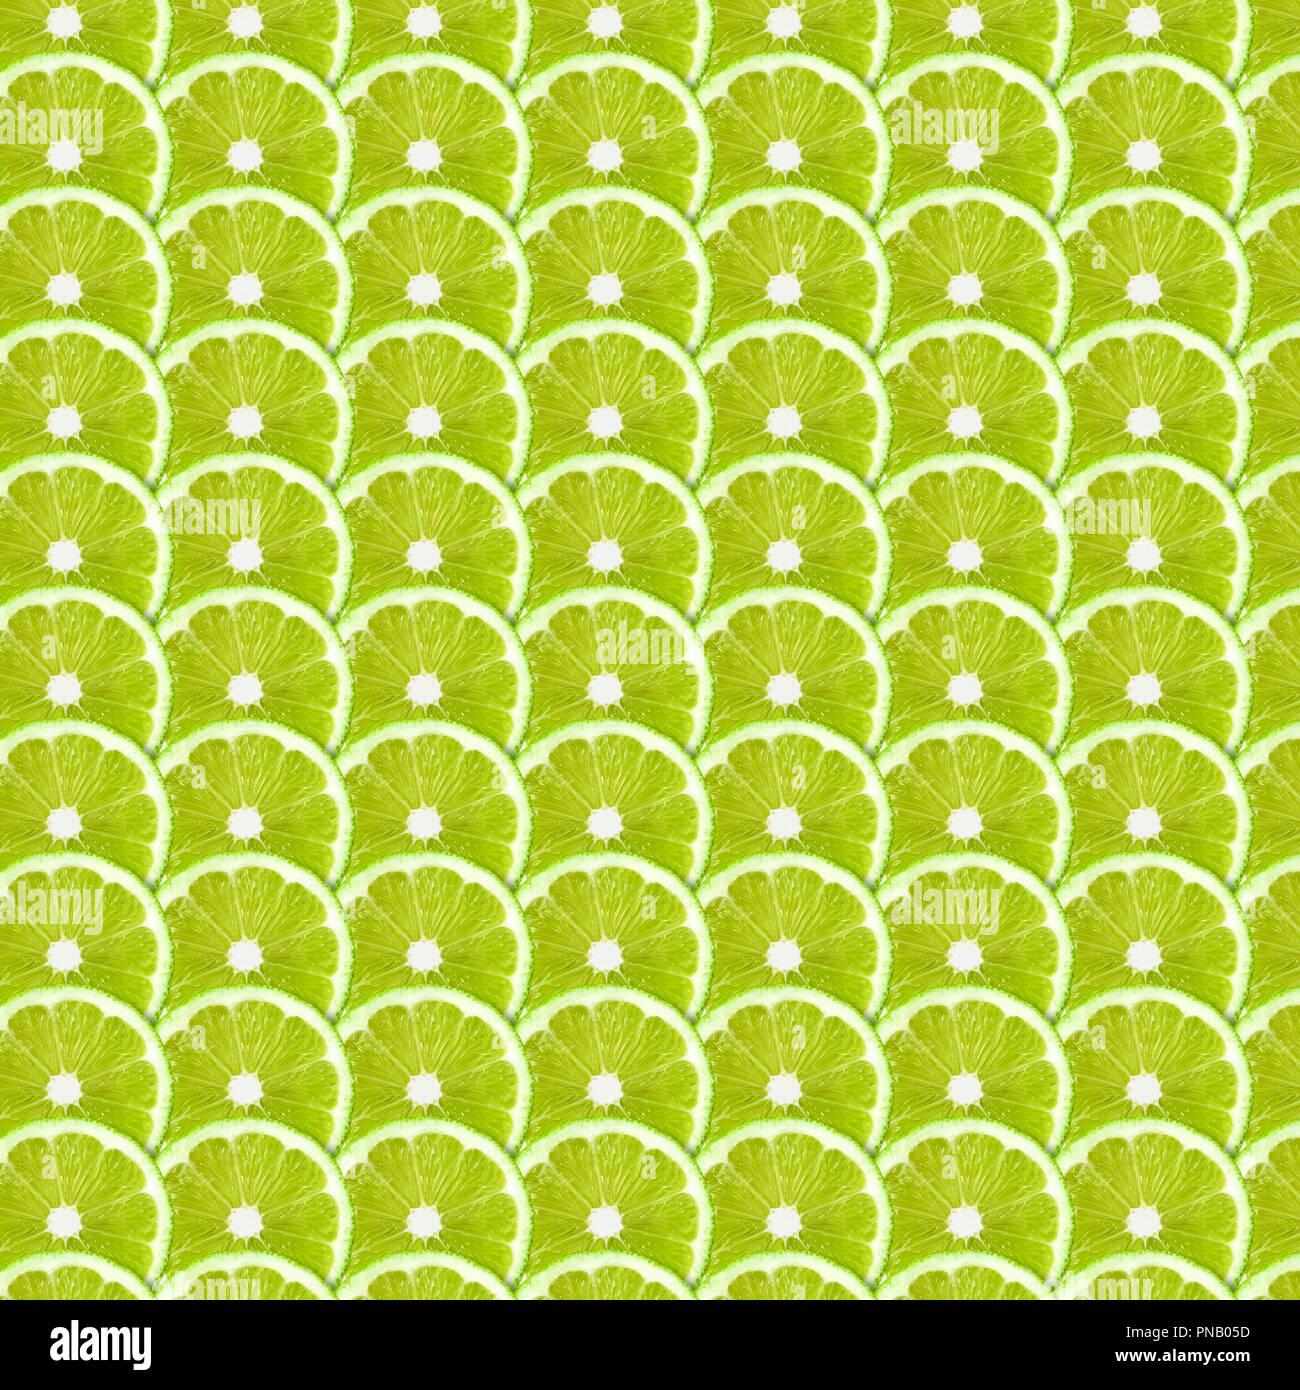 Tranches de lime vert motif de fond. Plein cadre symétrique naturelle texture des aliments Photo Stock